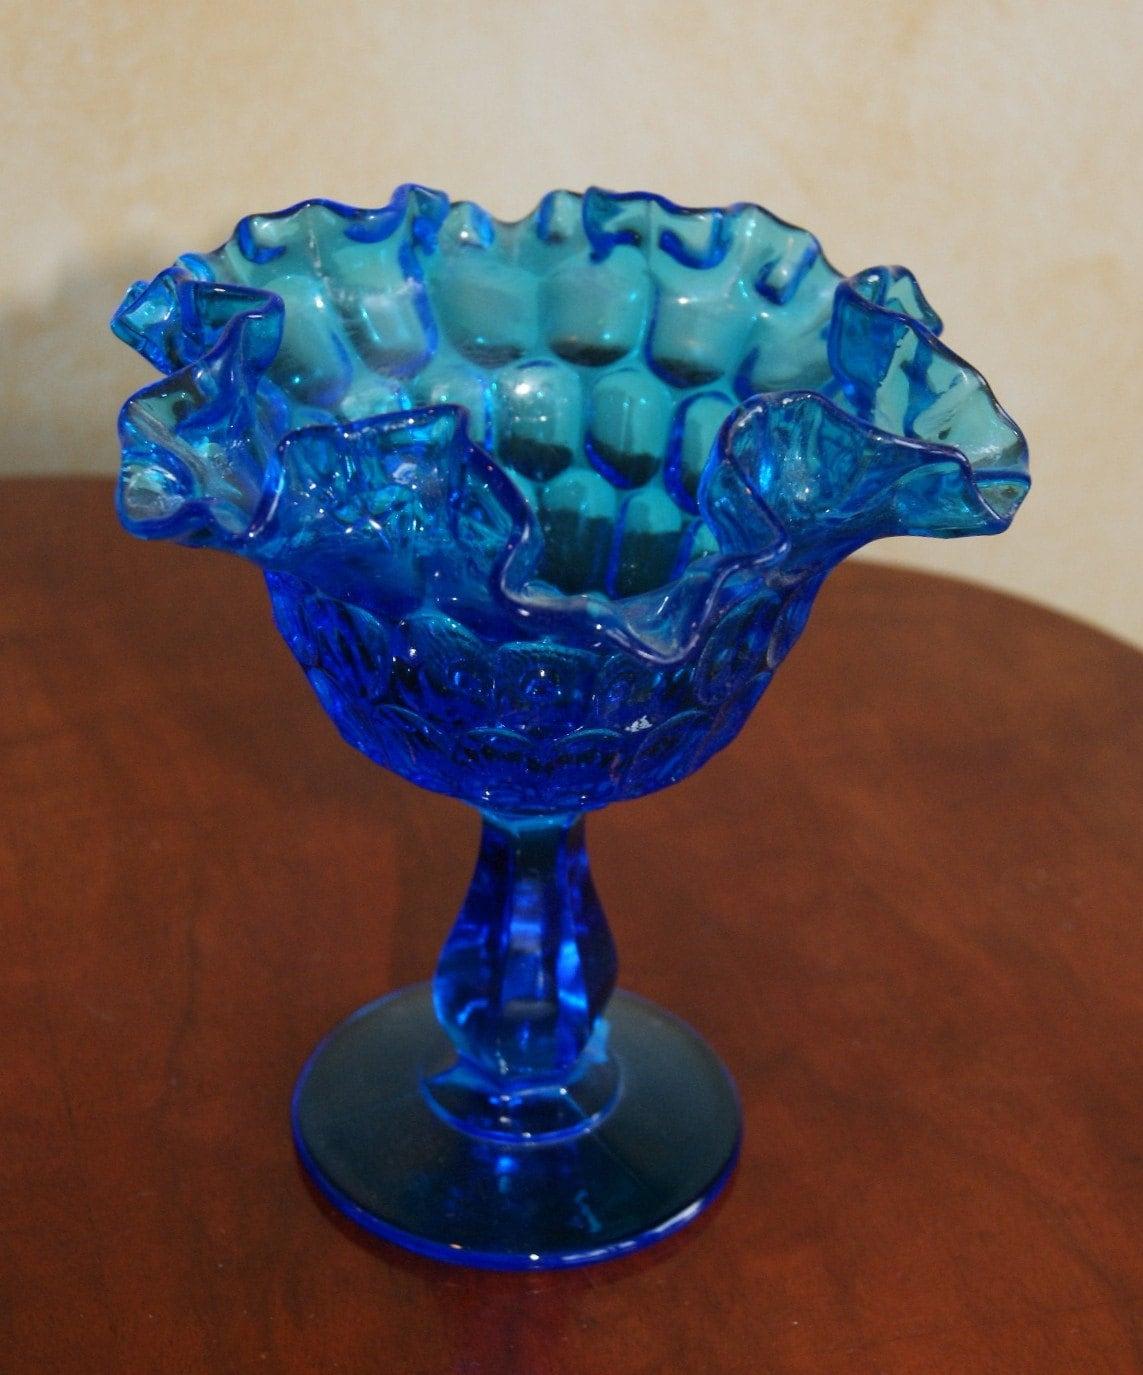 Fenton Peacock Blue Depression Glass Compote